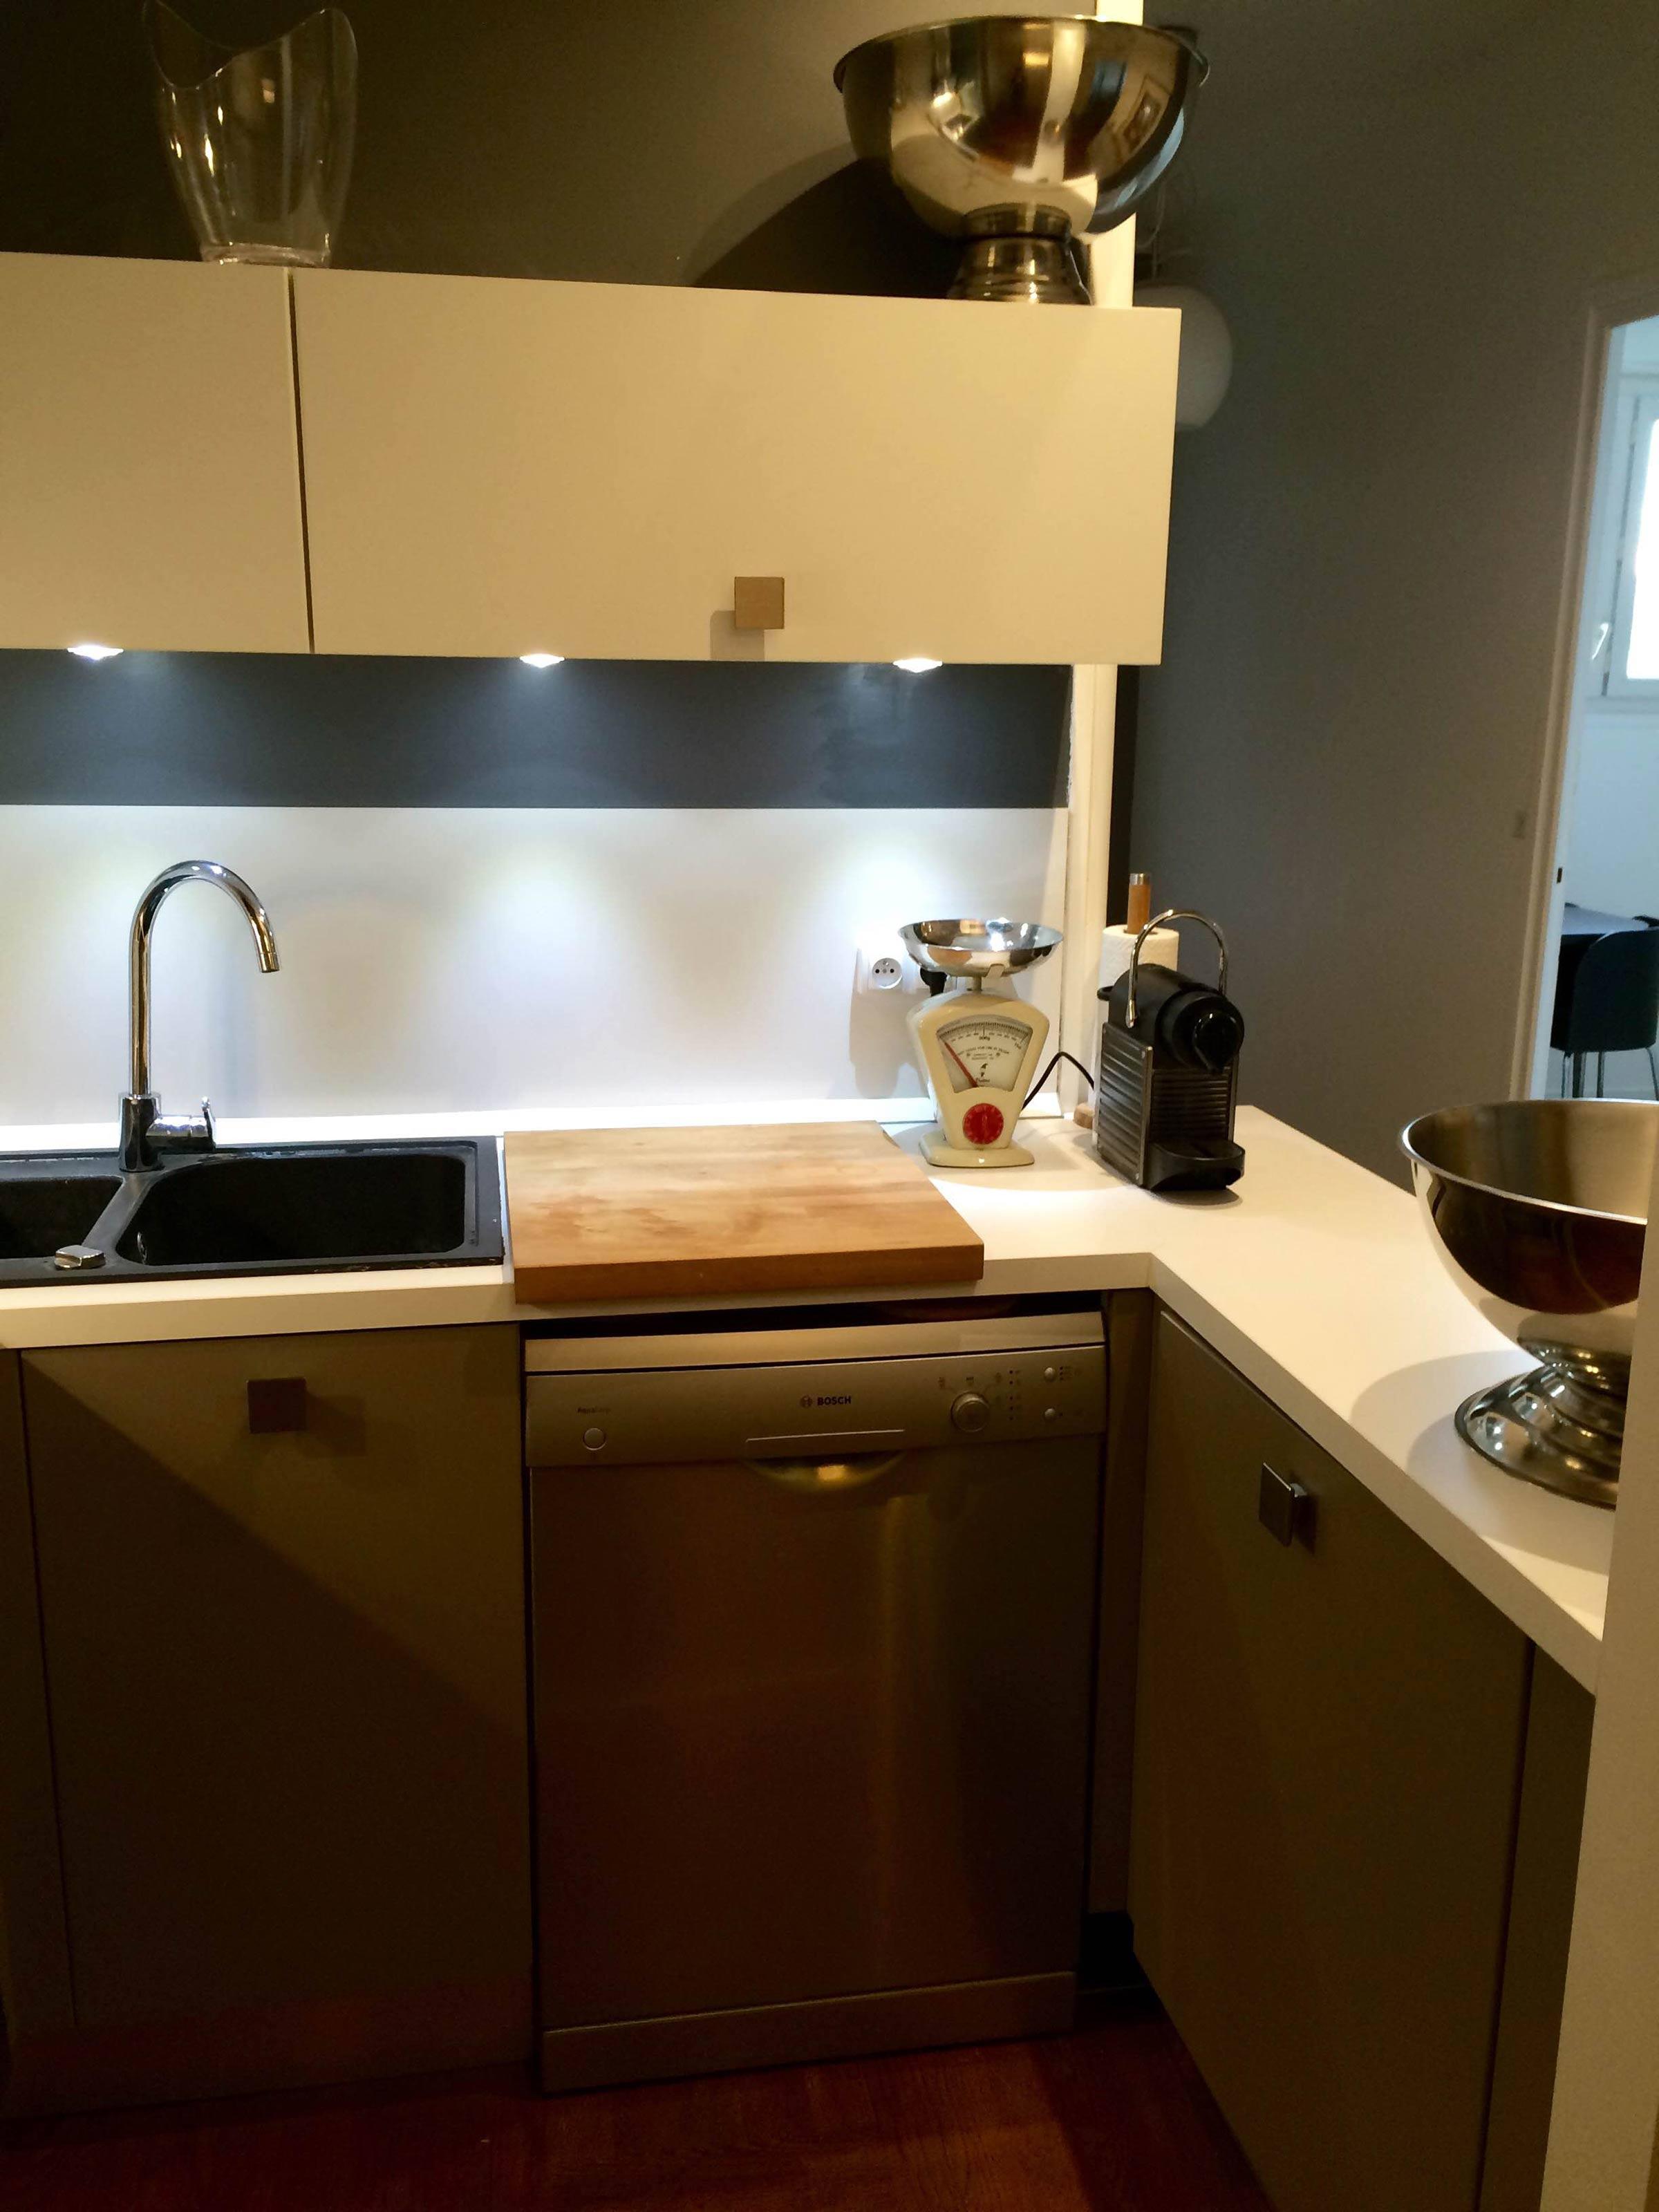 Cr ation cuisine dans un petit espace de 4m2 lyon - Cuisine dans petit espace ...